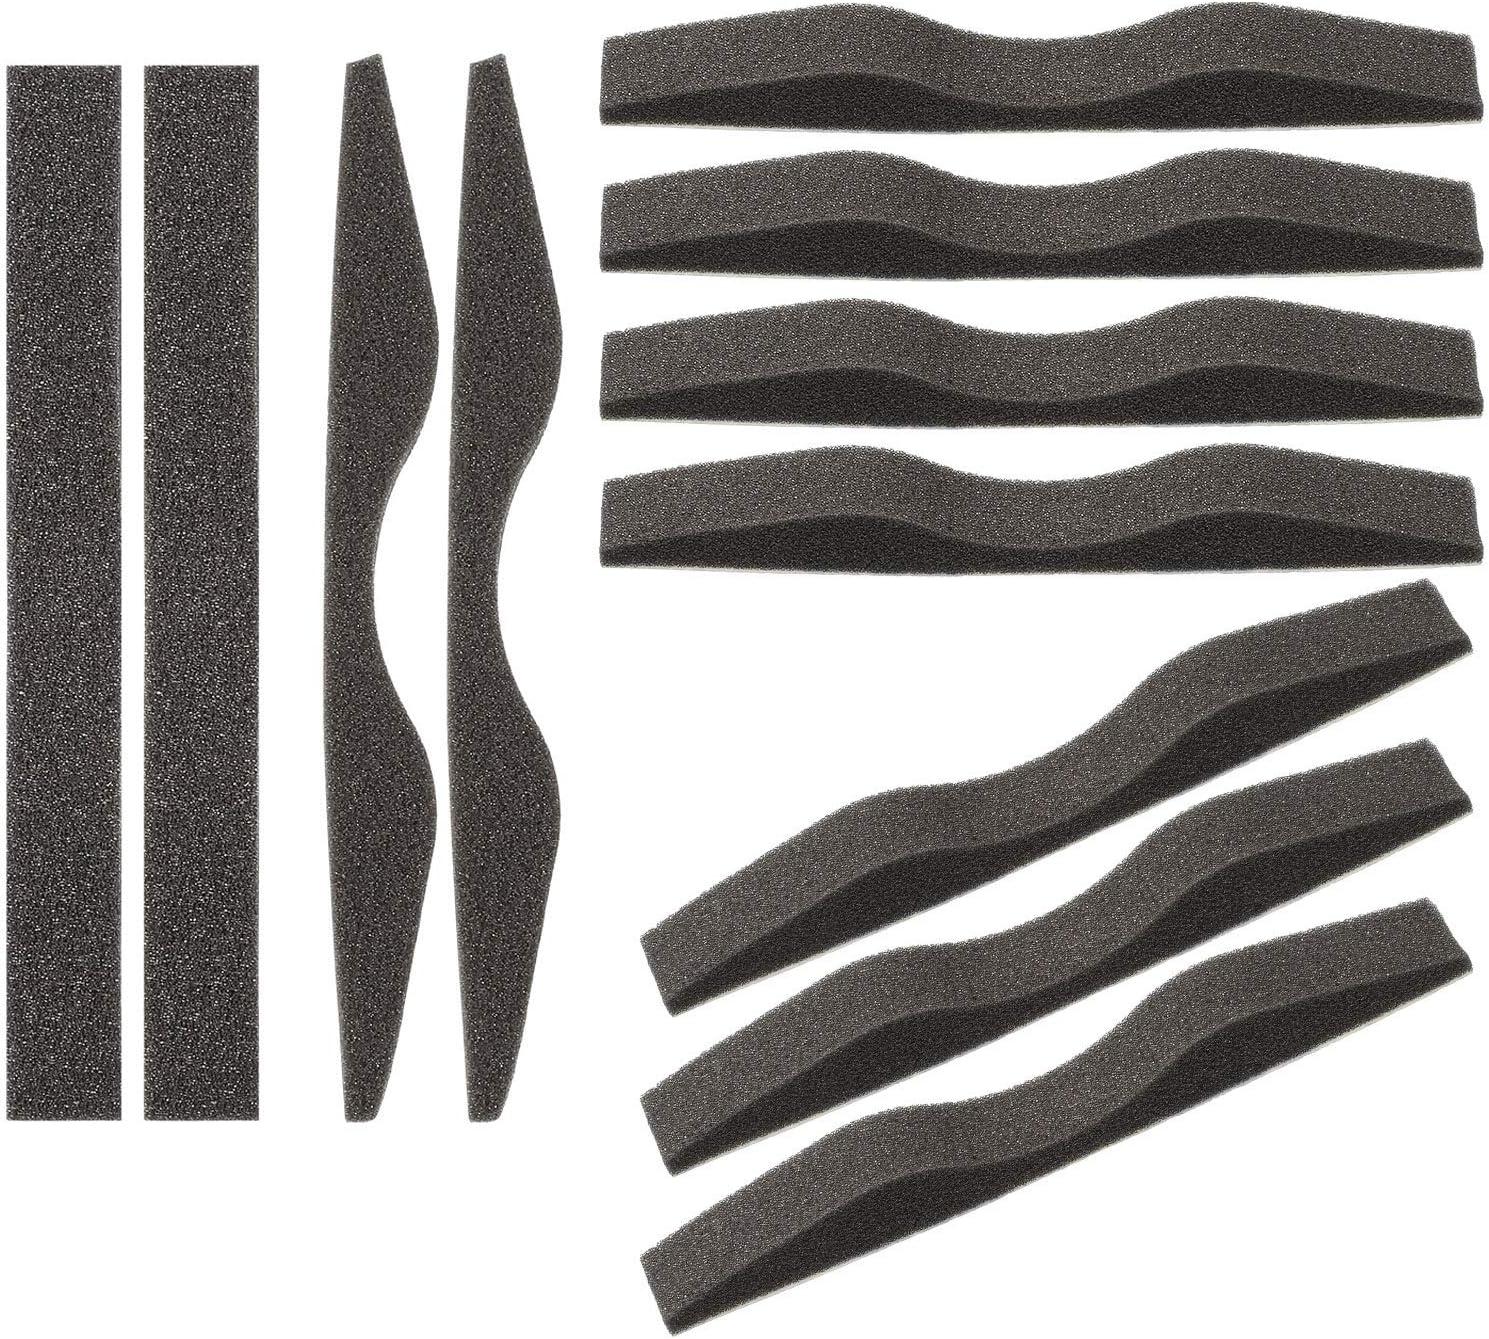 Almohadilla de Nariz Anti Niebla Espuma de Memoria de Microfibra Tira Protectora de Nariz Autoadhesiva Esponja de Puente de Nariz (24 Piezas)